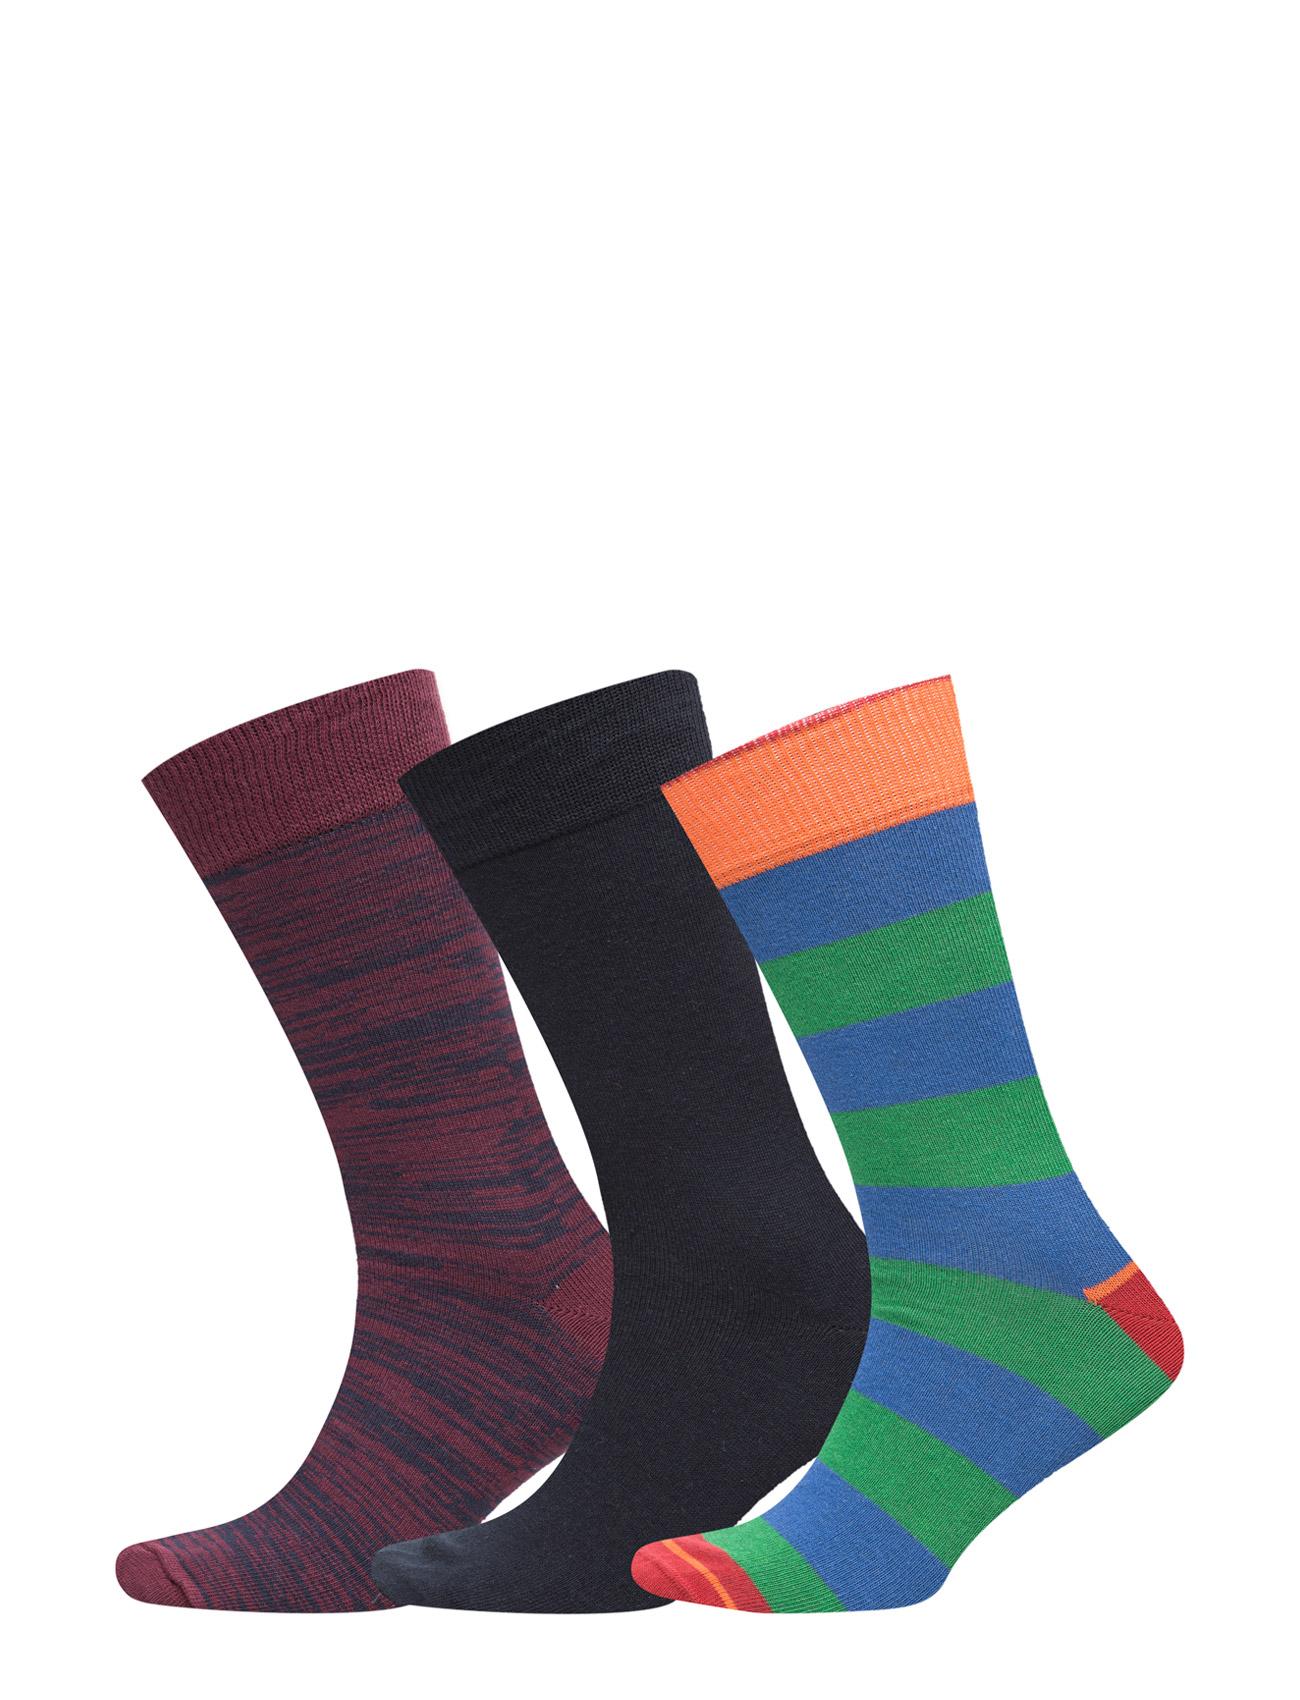 Menå«S Socks 3-Pack TOPECO Sokker til Mænd i